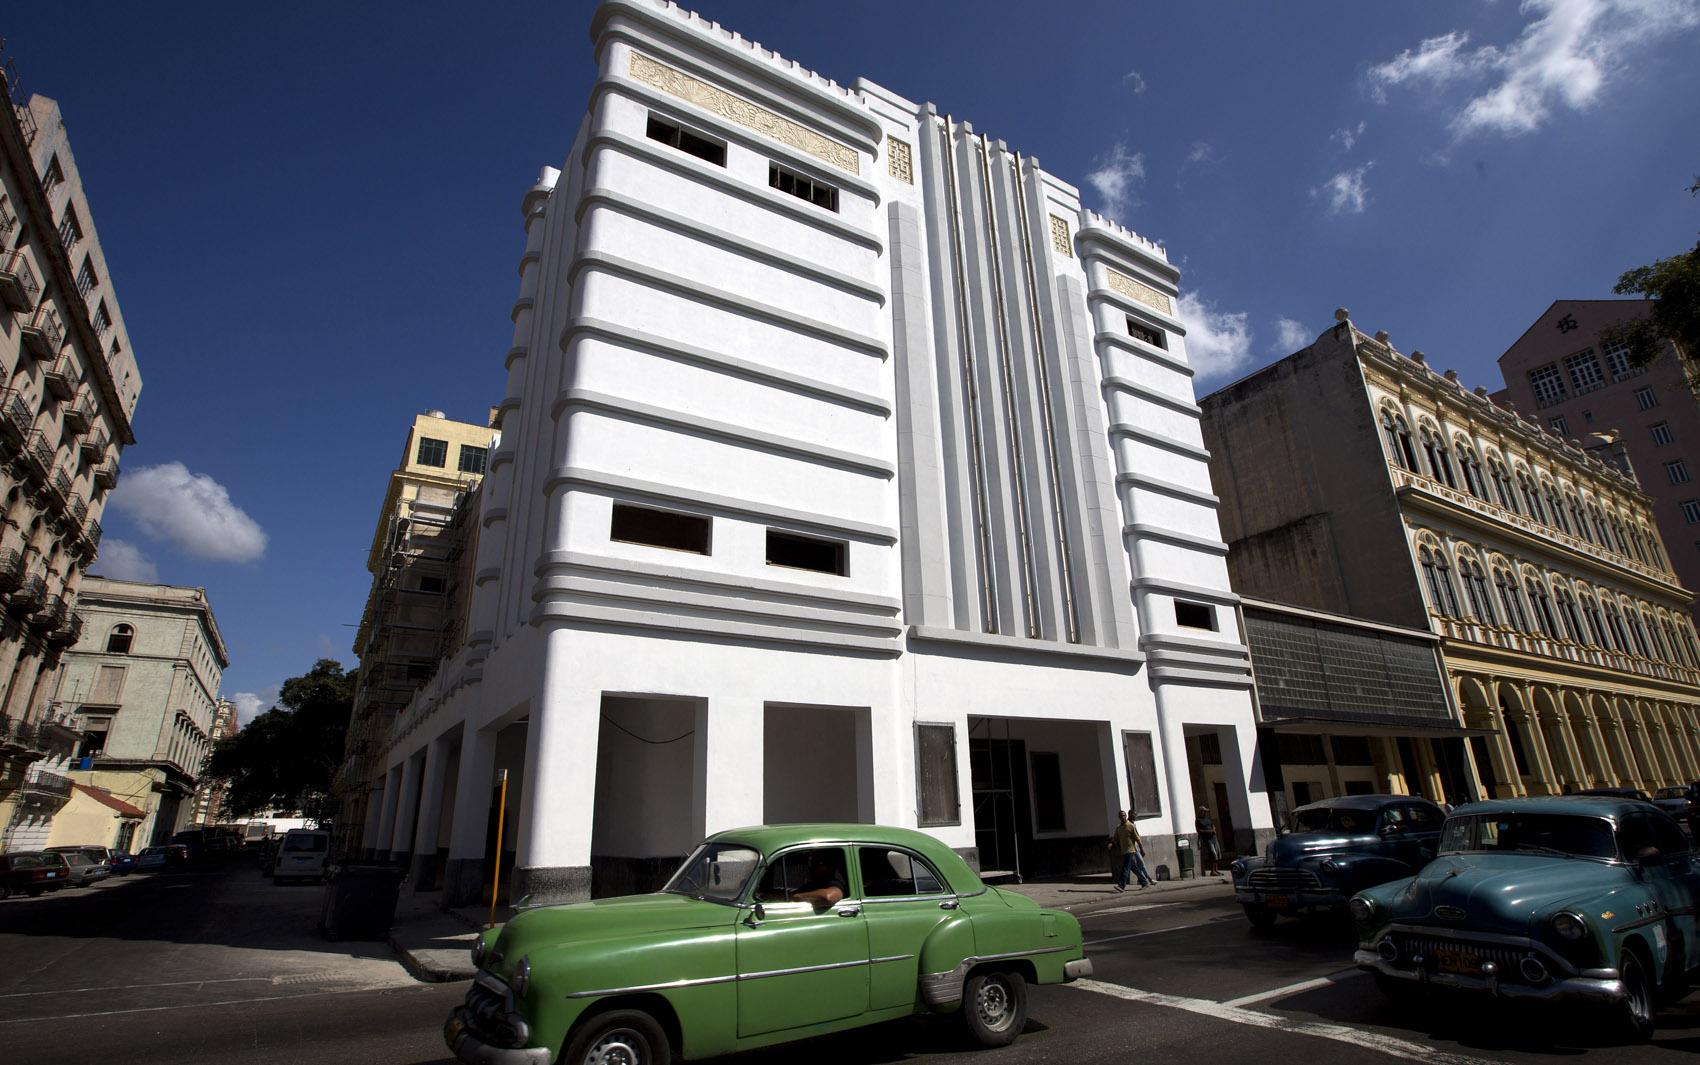 O Cine Teatro Fausto, de 1938, é um dos muitos edifícios de Havana construídos no estilo Art Déco